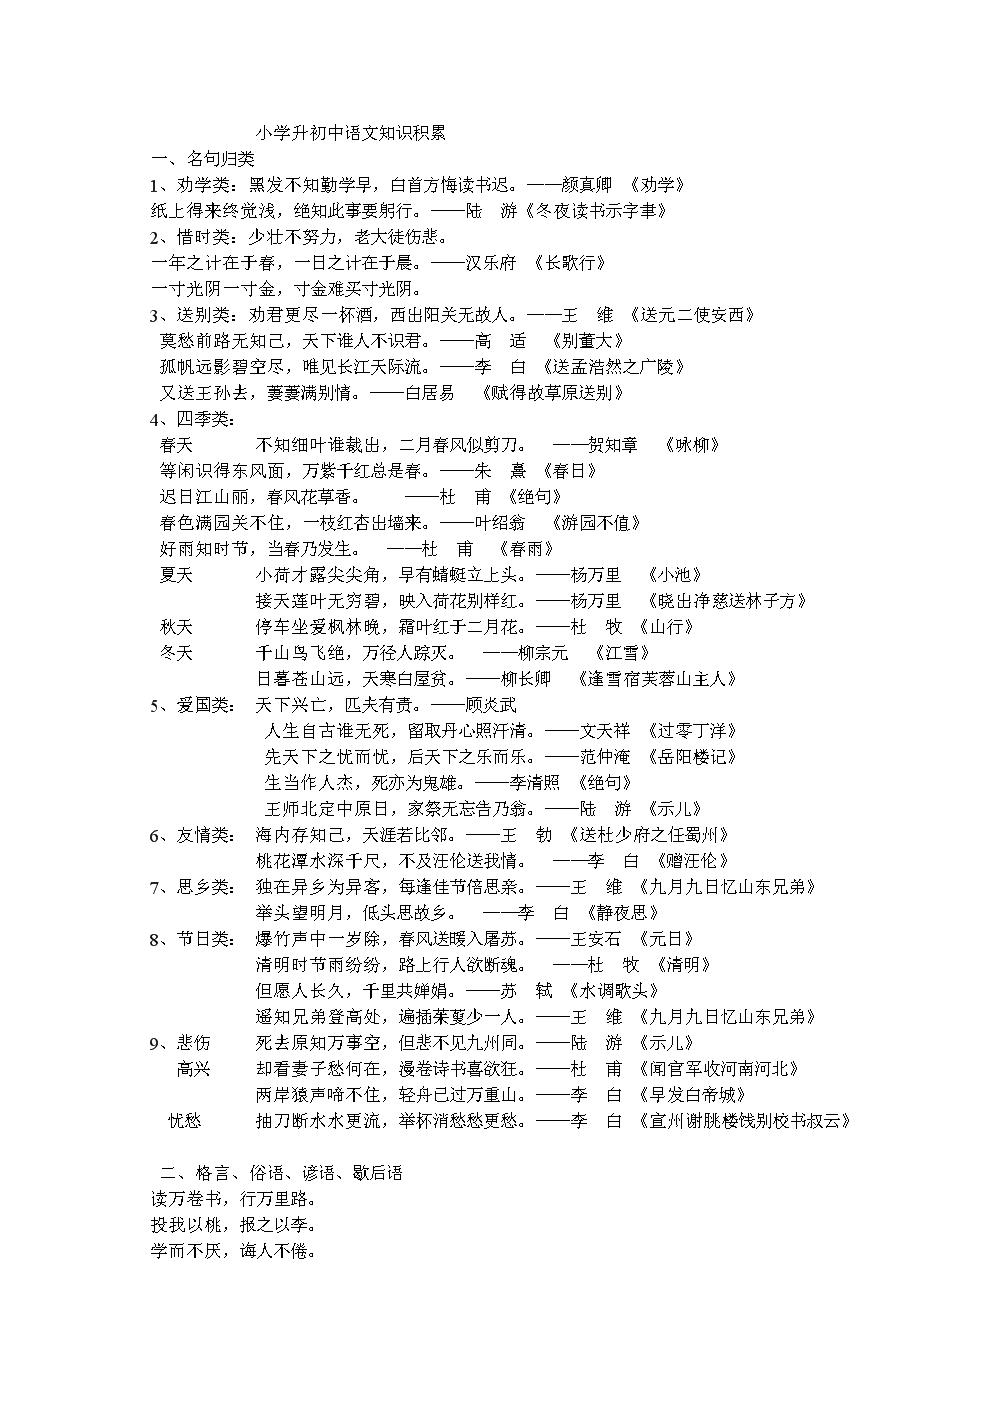 初中升语文小学知识v初中解析.doc民办小学廊坊图片